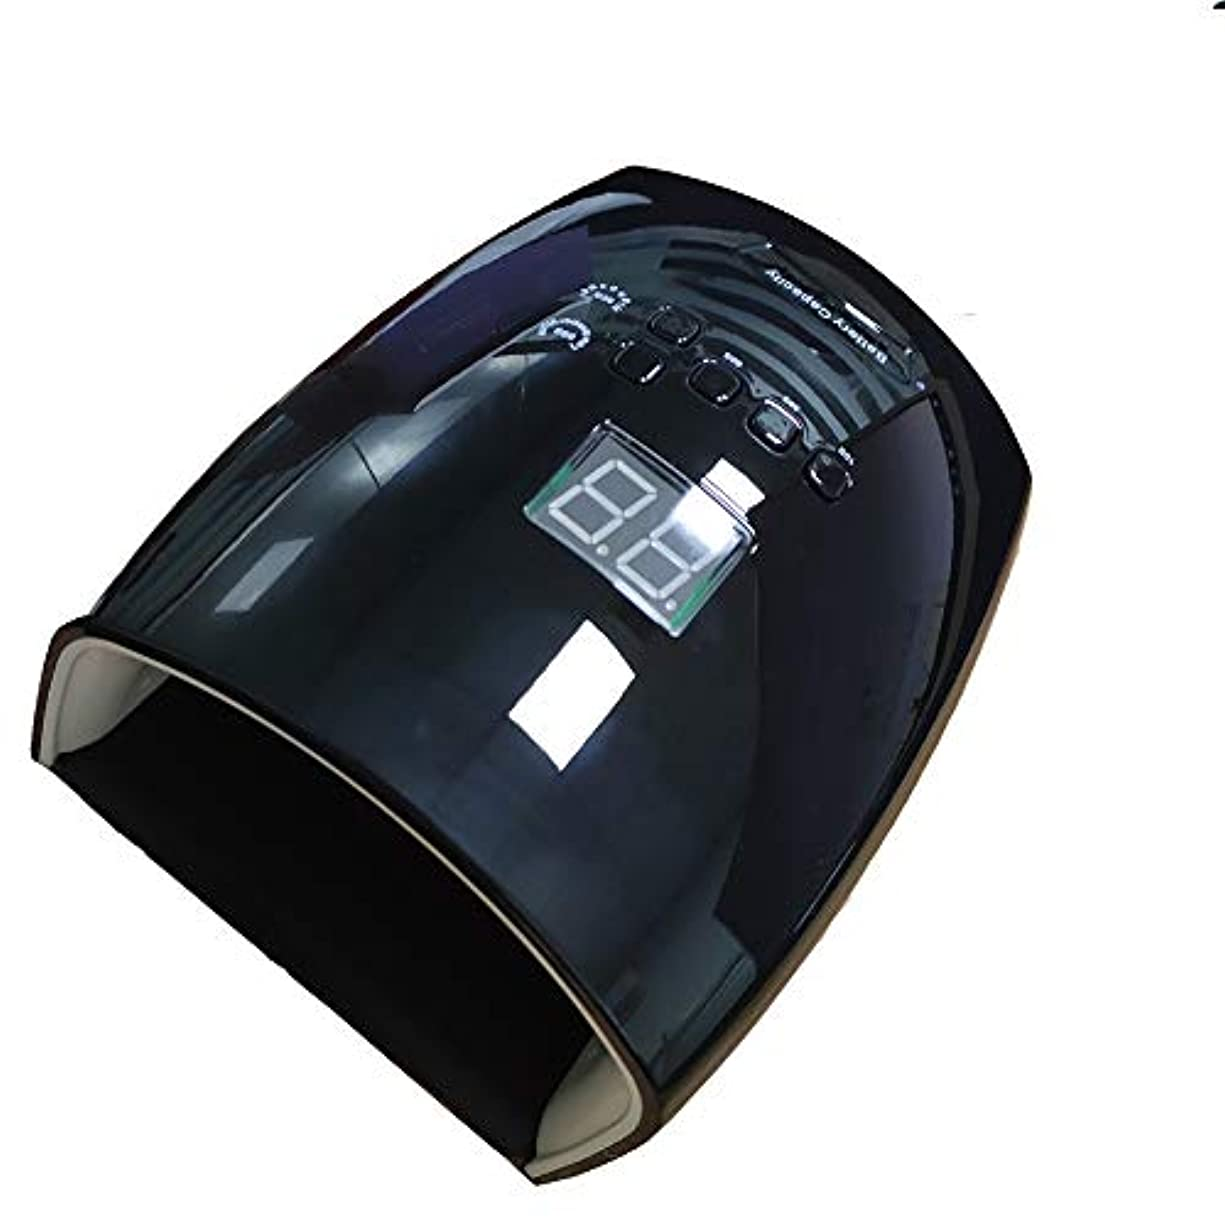 センチメンタルバイオレットメガロポリスLEDネイルマシン、インテリジェント赤外線センサー多機能ネイル硬化機プロの美容ネイルポリッシャー、取り外し可能な高速乾燥ジェルマシン